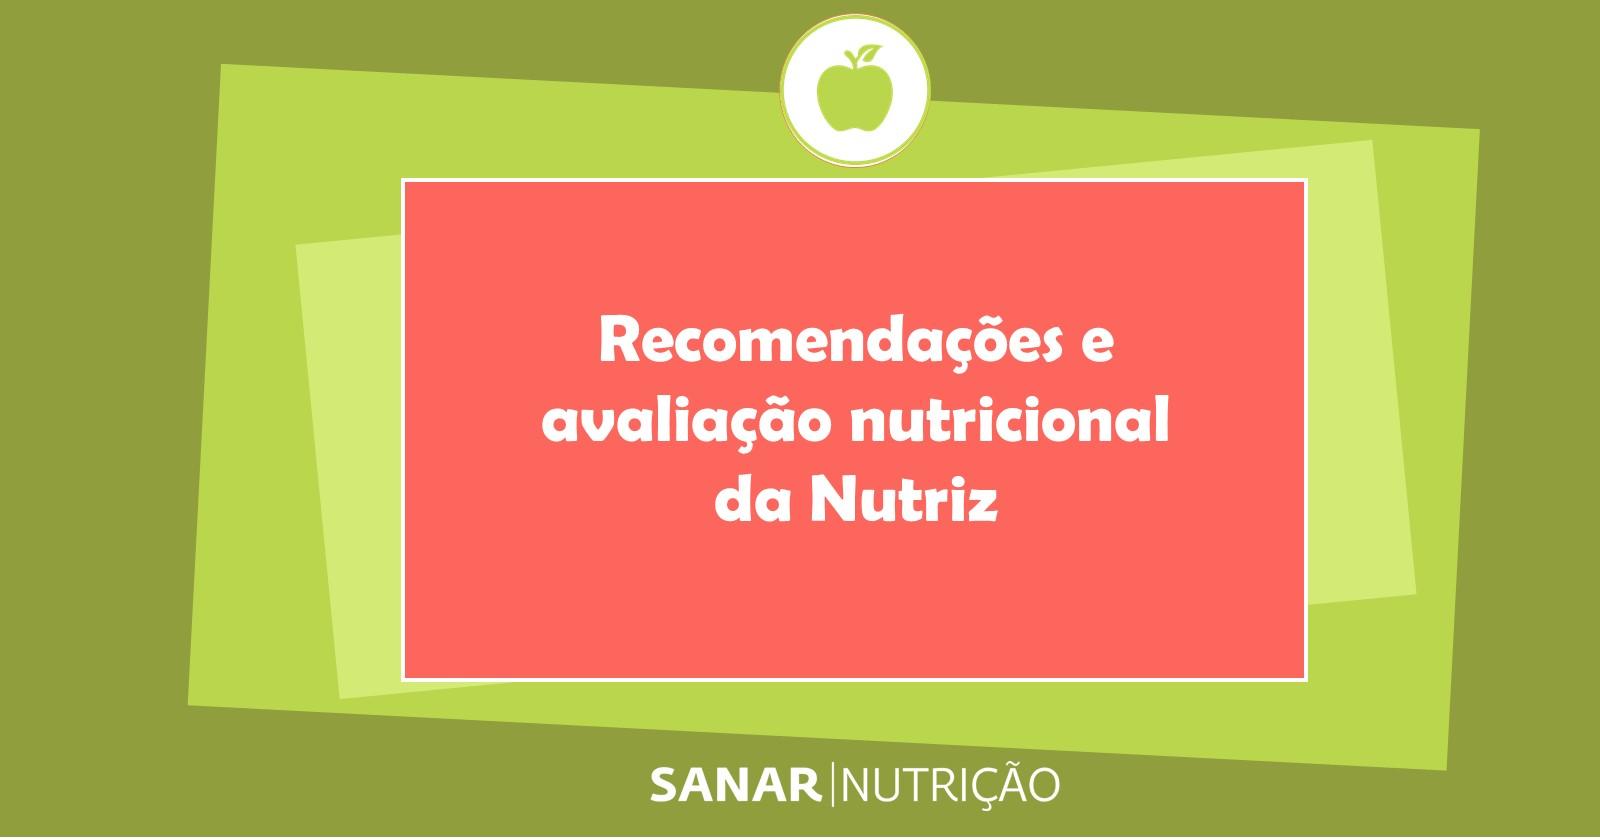 Recomendações e avaliação nutricional da Nutriz